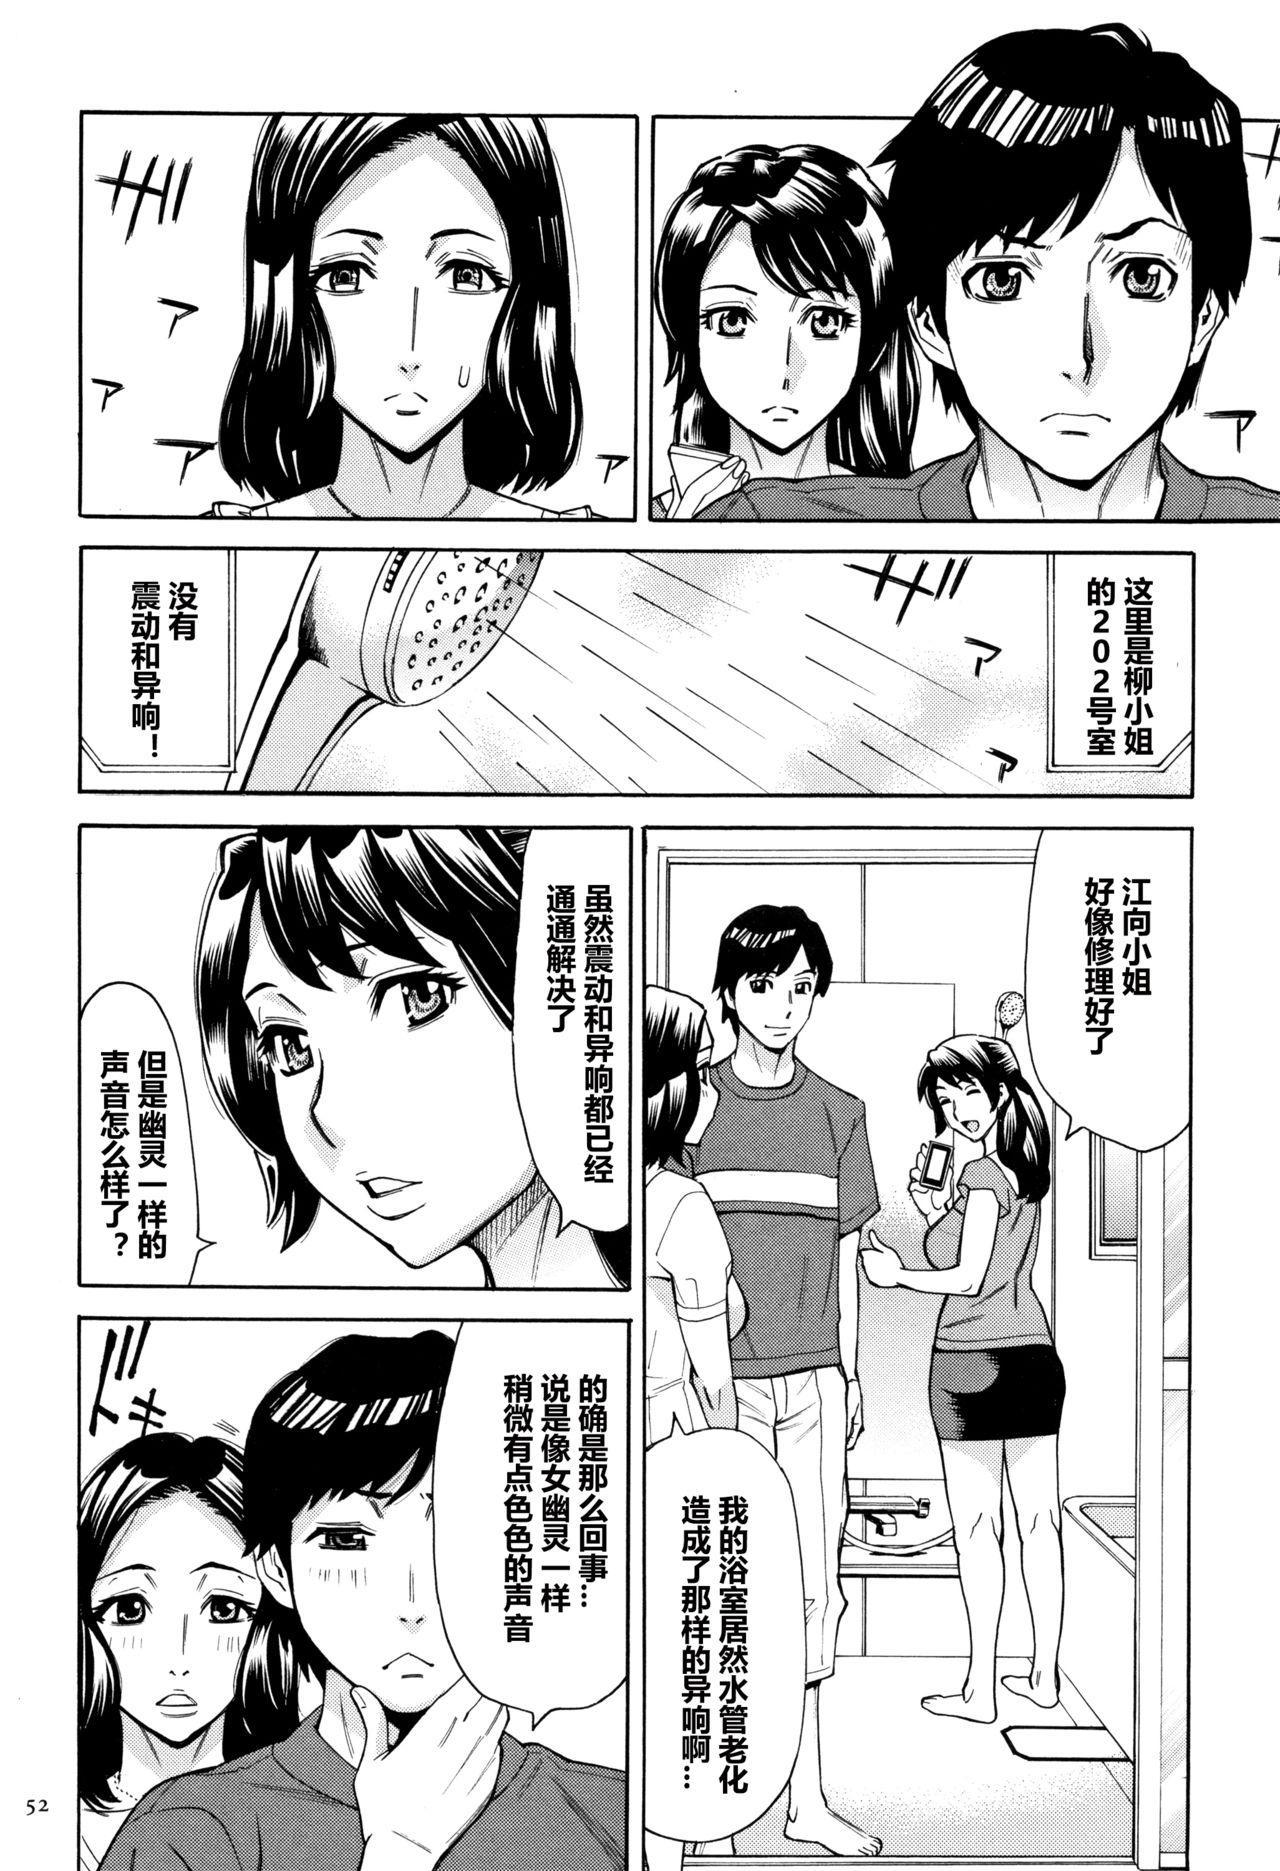 Oba-san dakedo, Daite Hoshii. 52